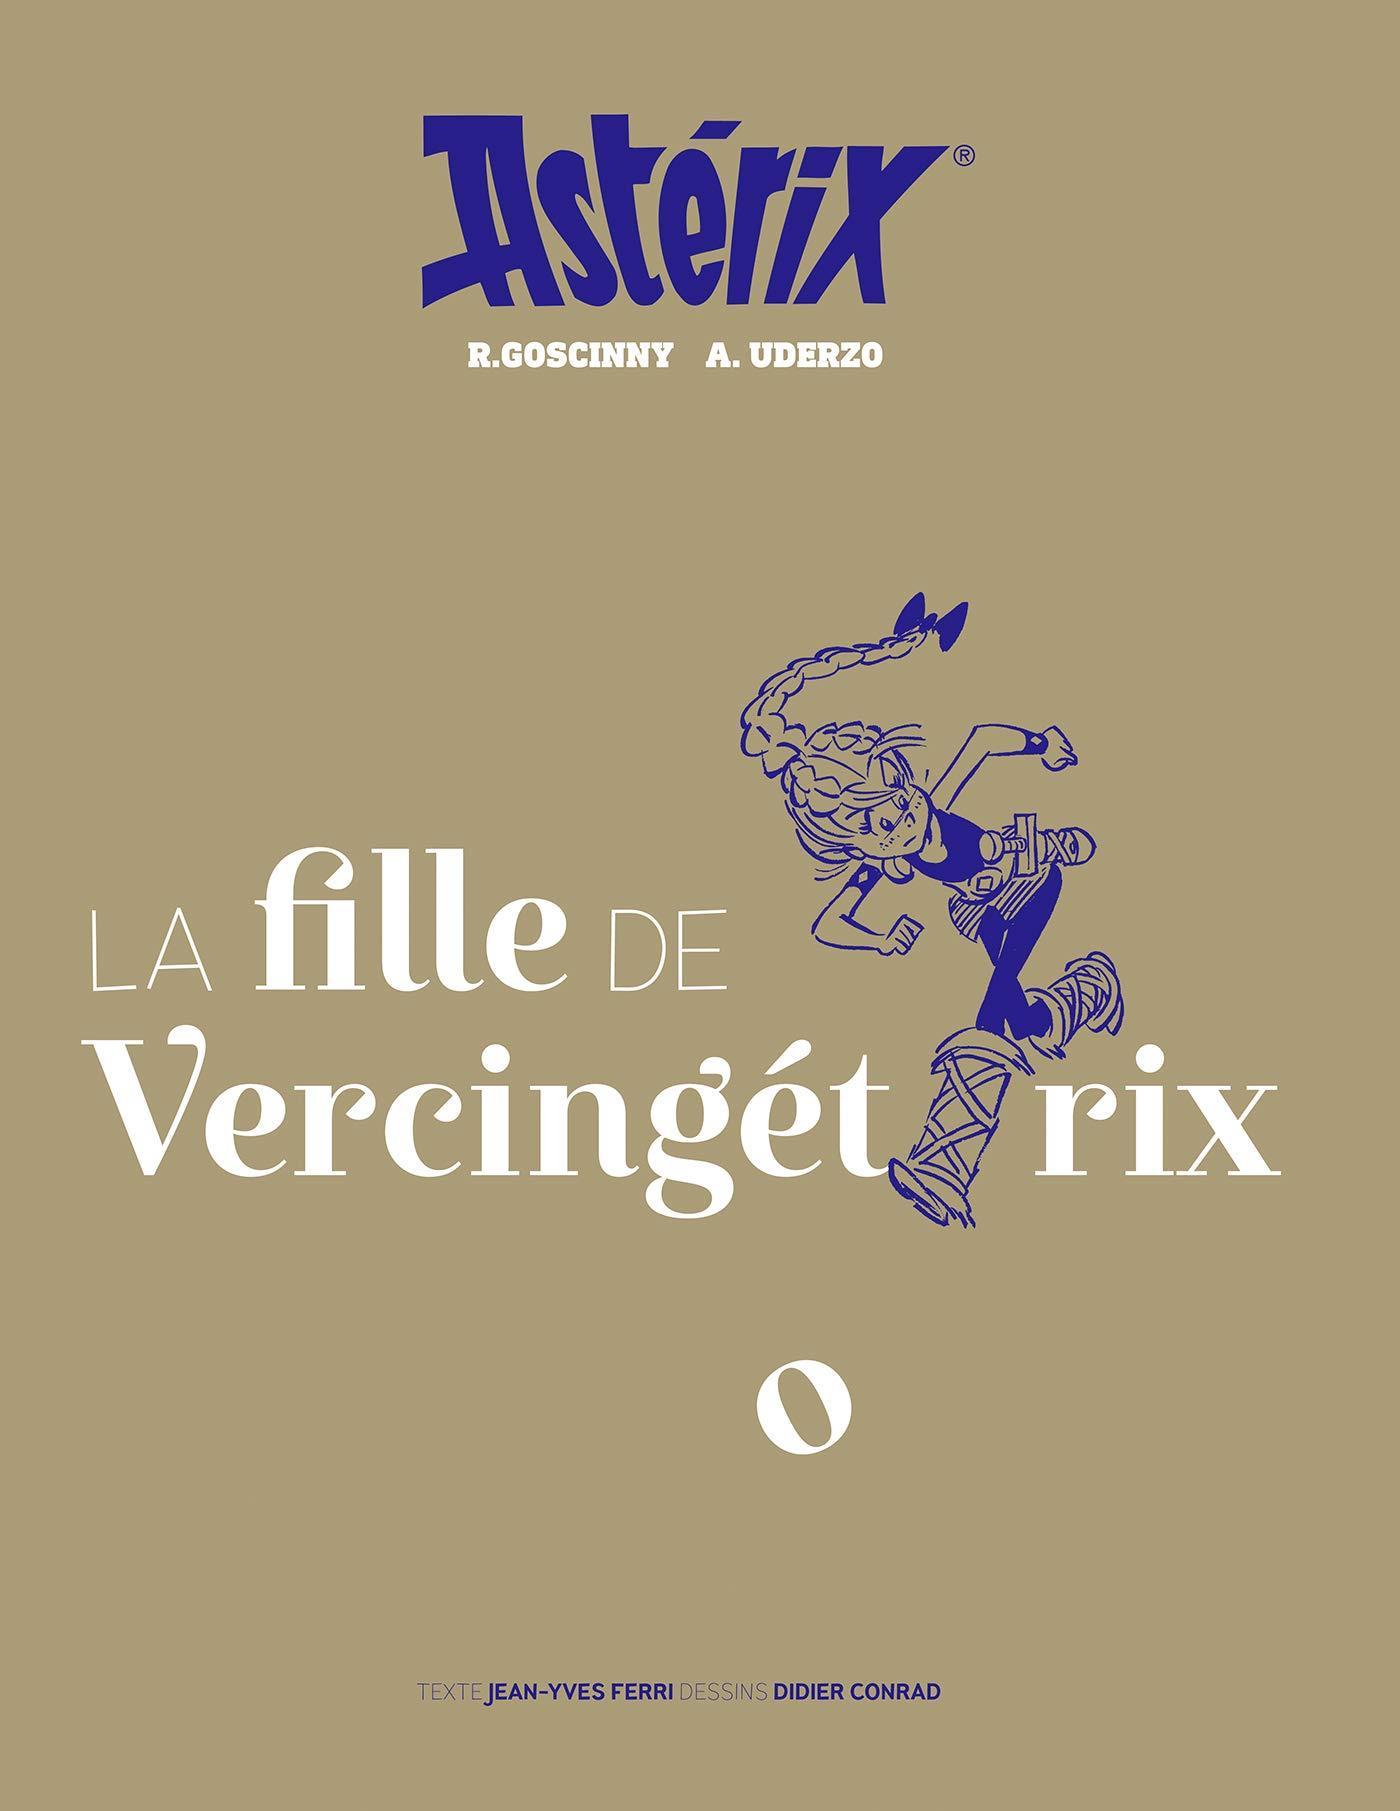 ASTERIX 38 - EDITION ARTBOOK - LA FILLE DE VERCINGETORIX